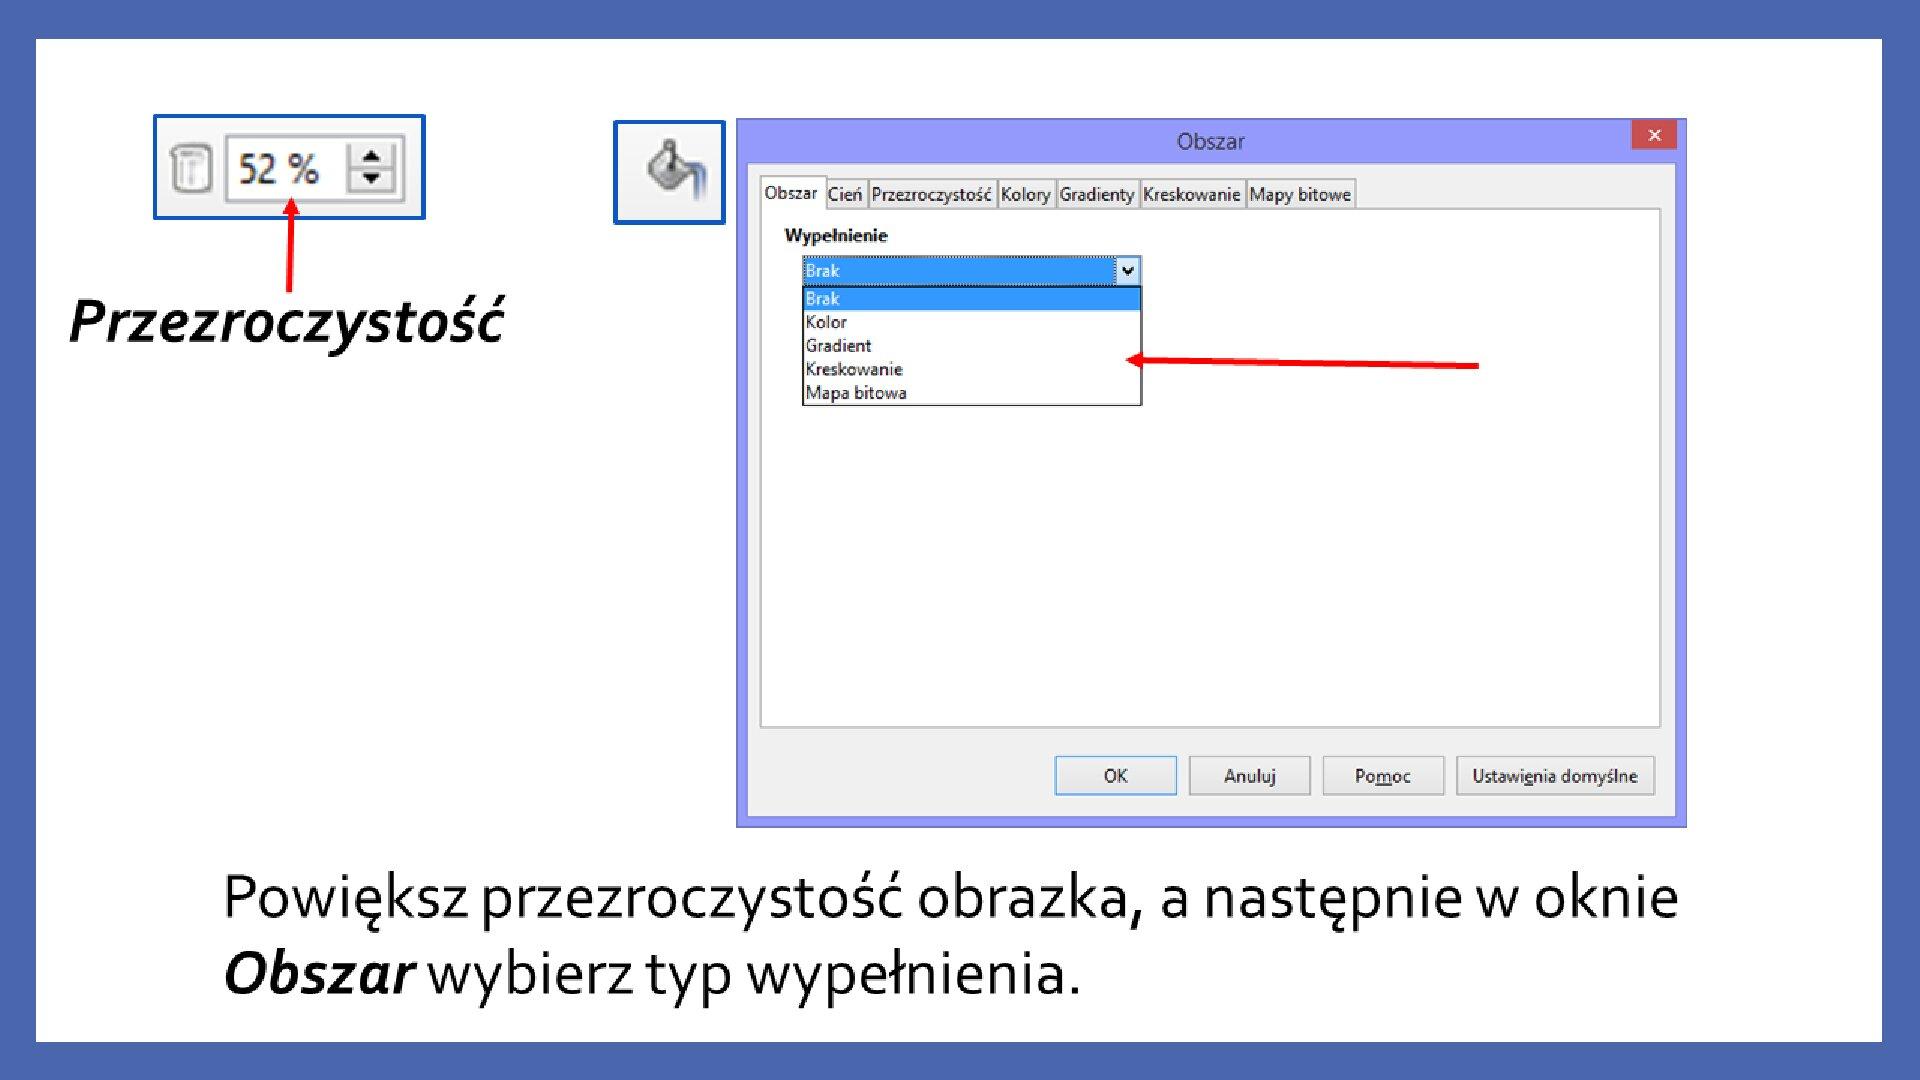 Slajd 8 galerii zrzutów slajdów: Modyfikacja obiektów wprogramie LibreOffice Impress